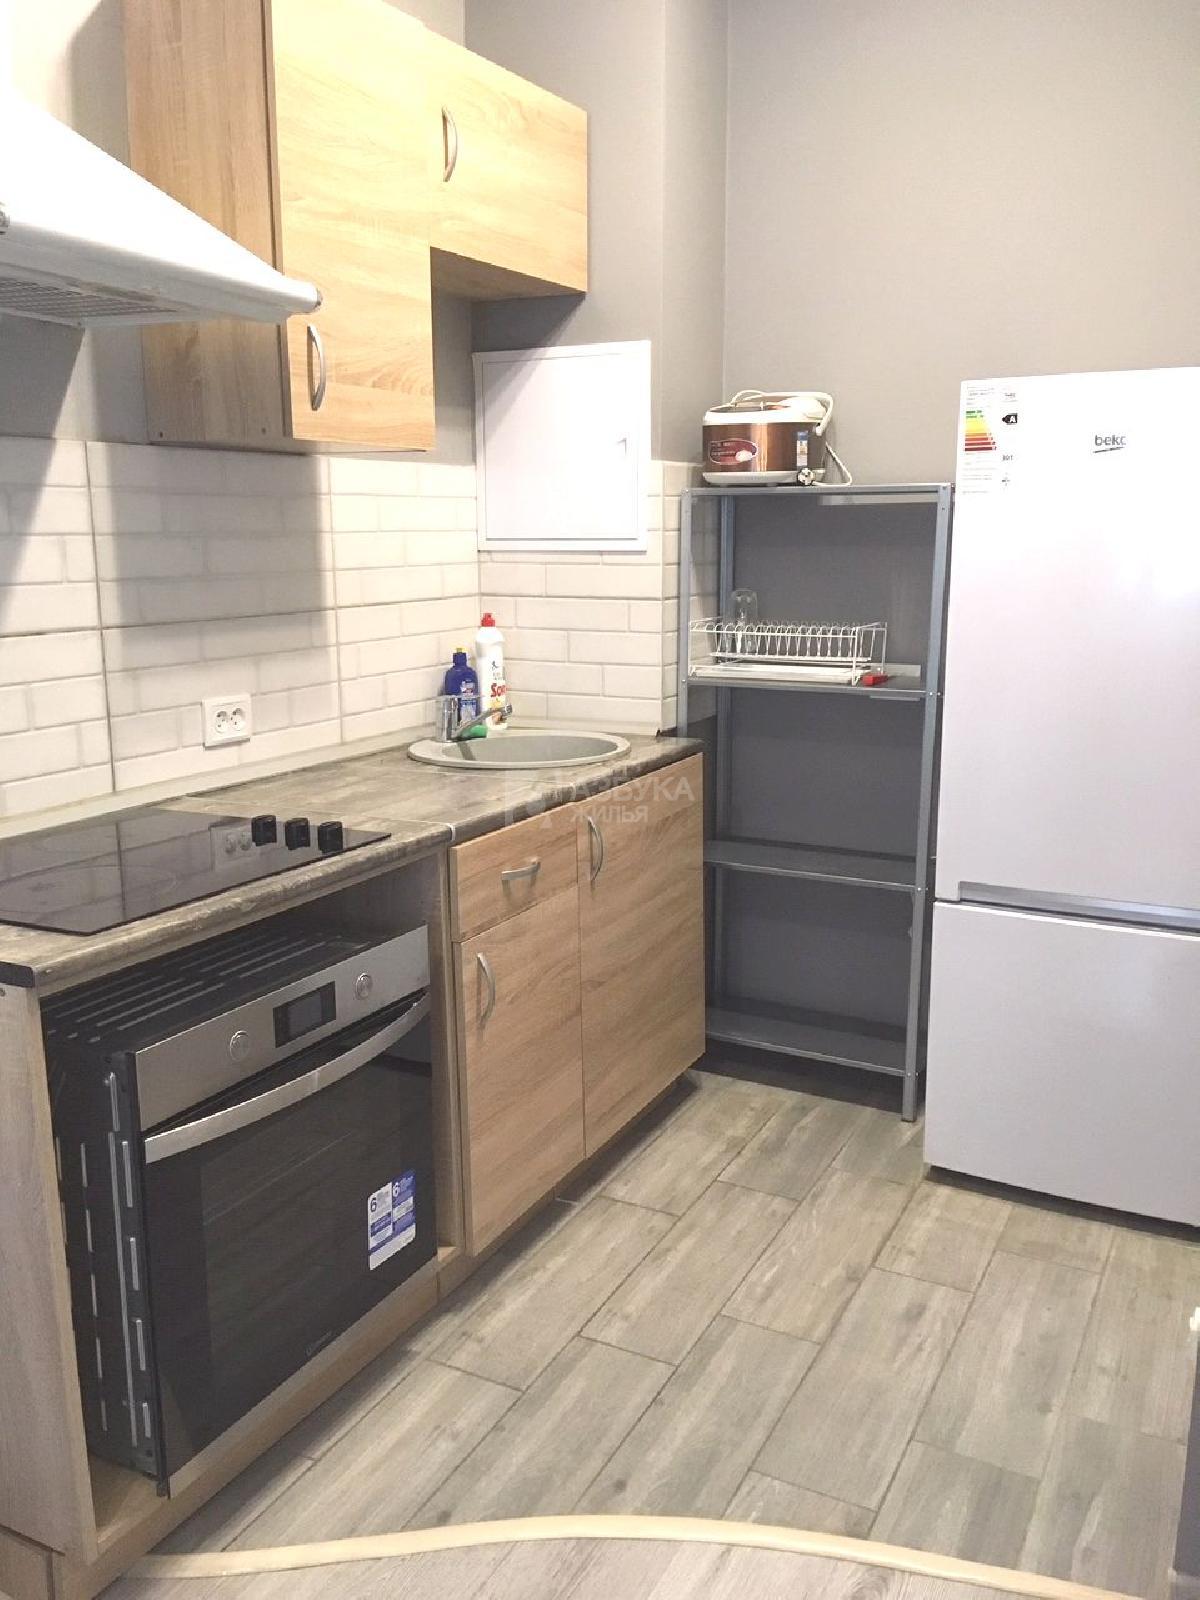 Фото №3 - 1-комнатная квартира, Москва, Цимлянская улица 3 корпус 1, метро Люблино